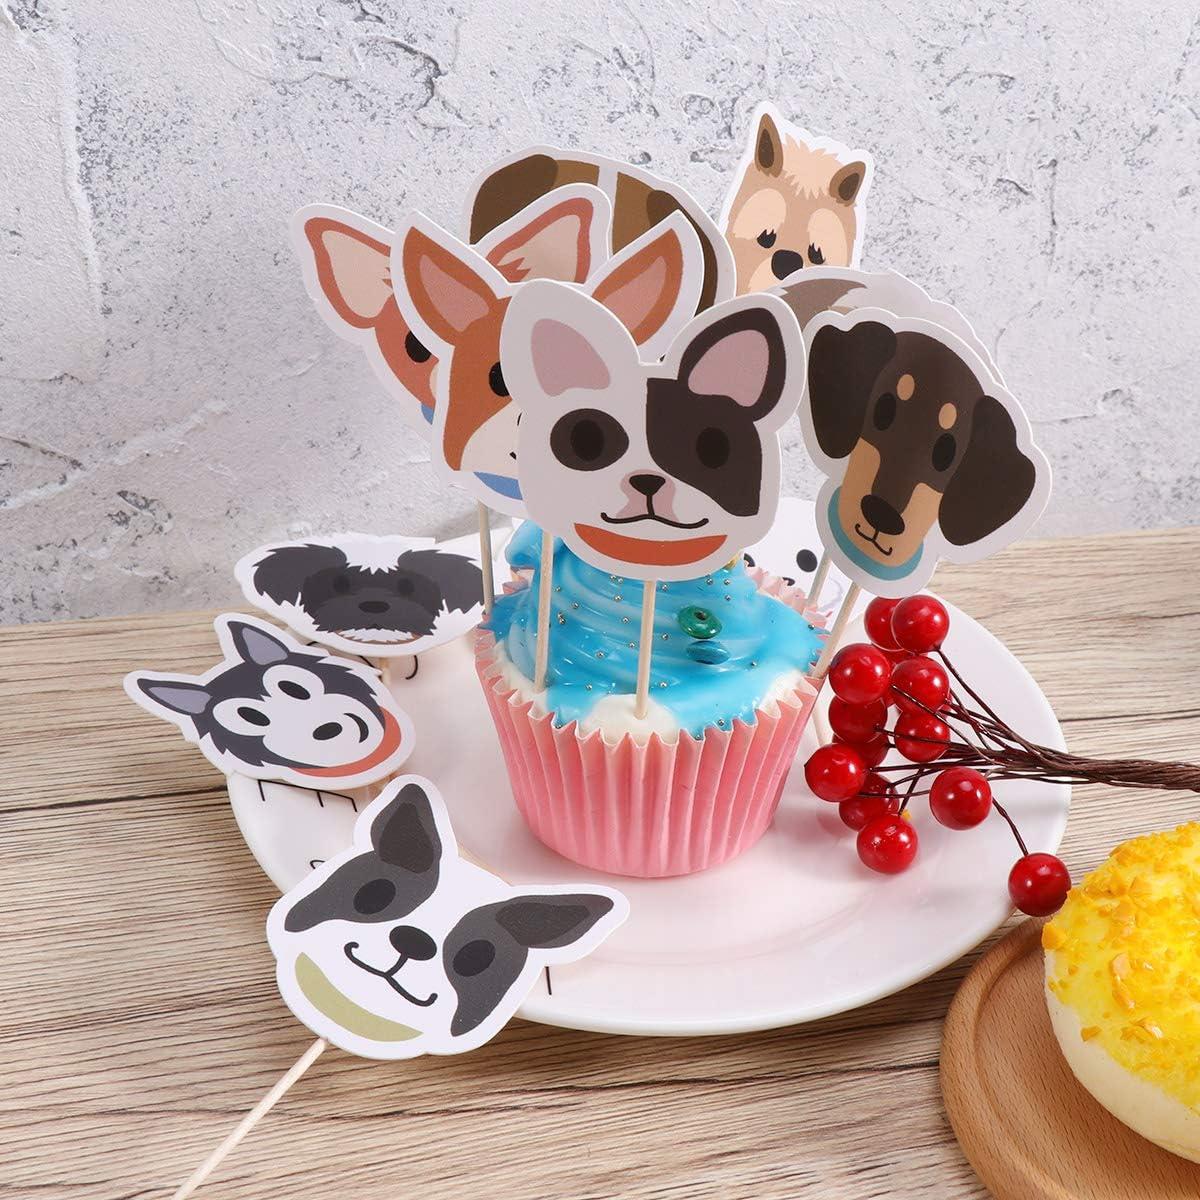 Happyyami Topper per Torte Animali Cake Cupcake Topper Forma Cani Decorazioni per Torte per Compleanno Matrimonio Battesimo 32 Pezzi